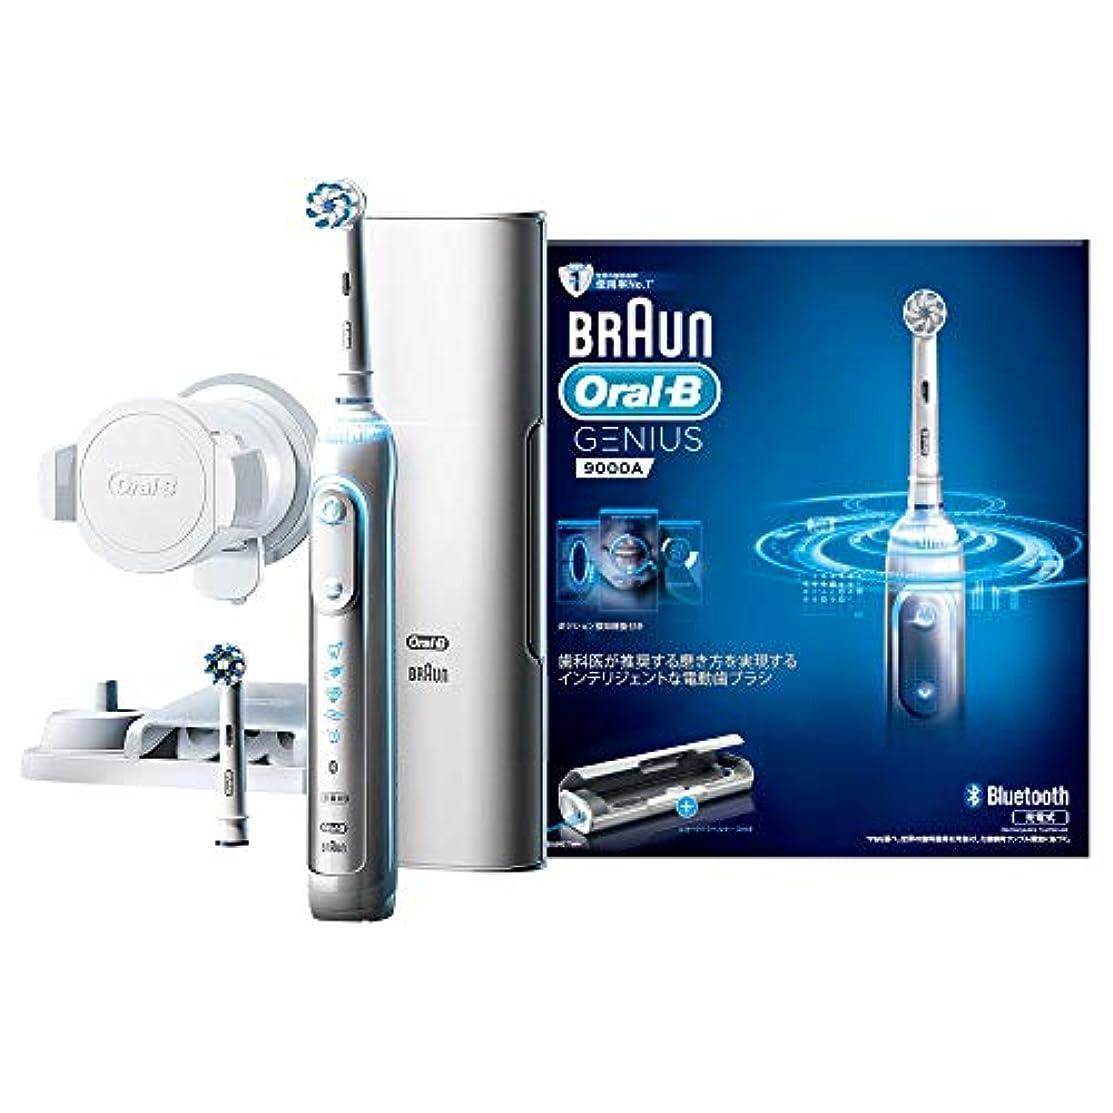 導入するレパートリー砂のブラウン オーラルB 電動歯ブラシ ジーニアス9000 ホワイト D7015256XCTWH